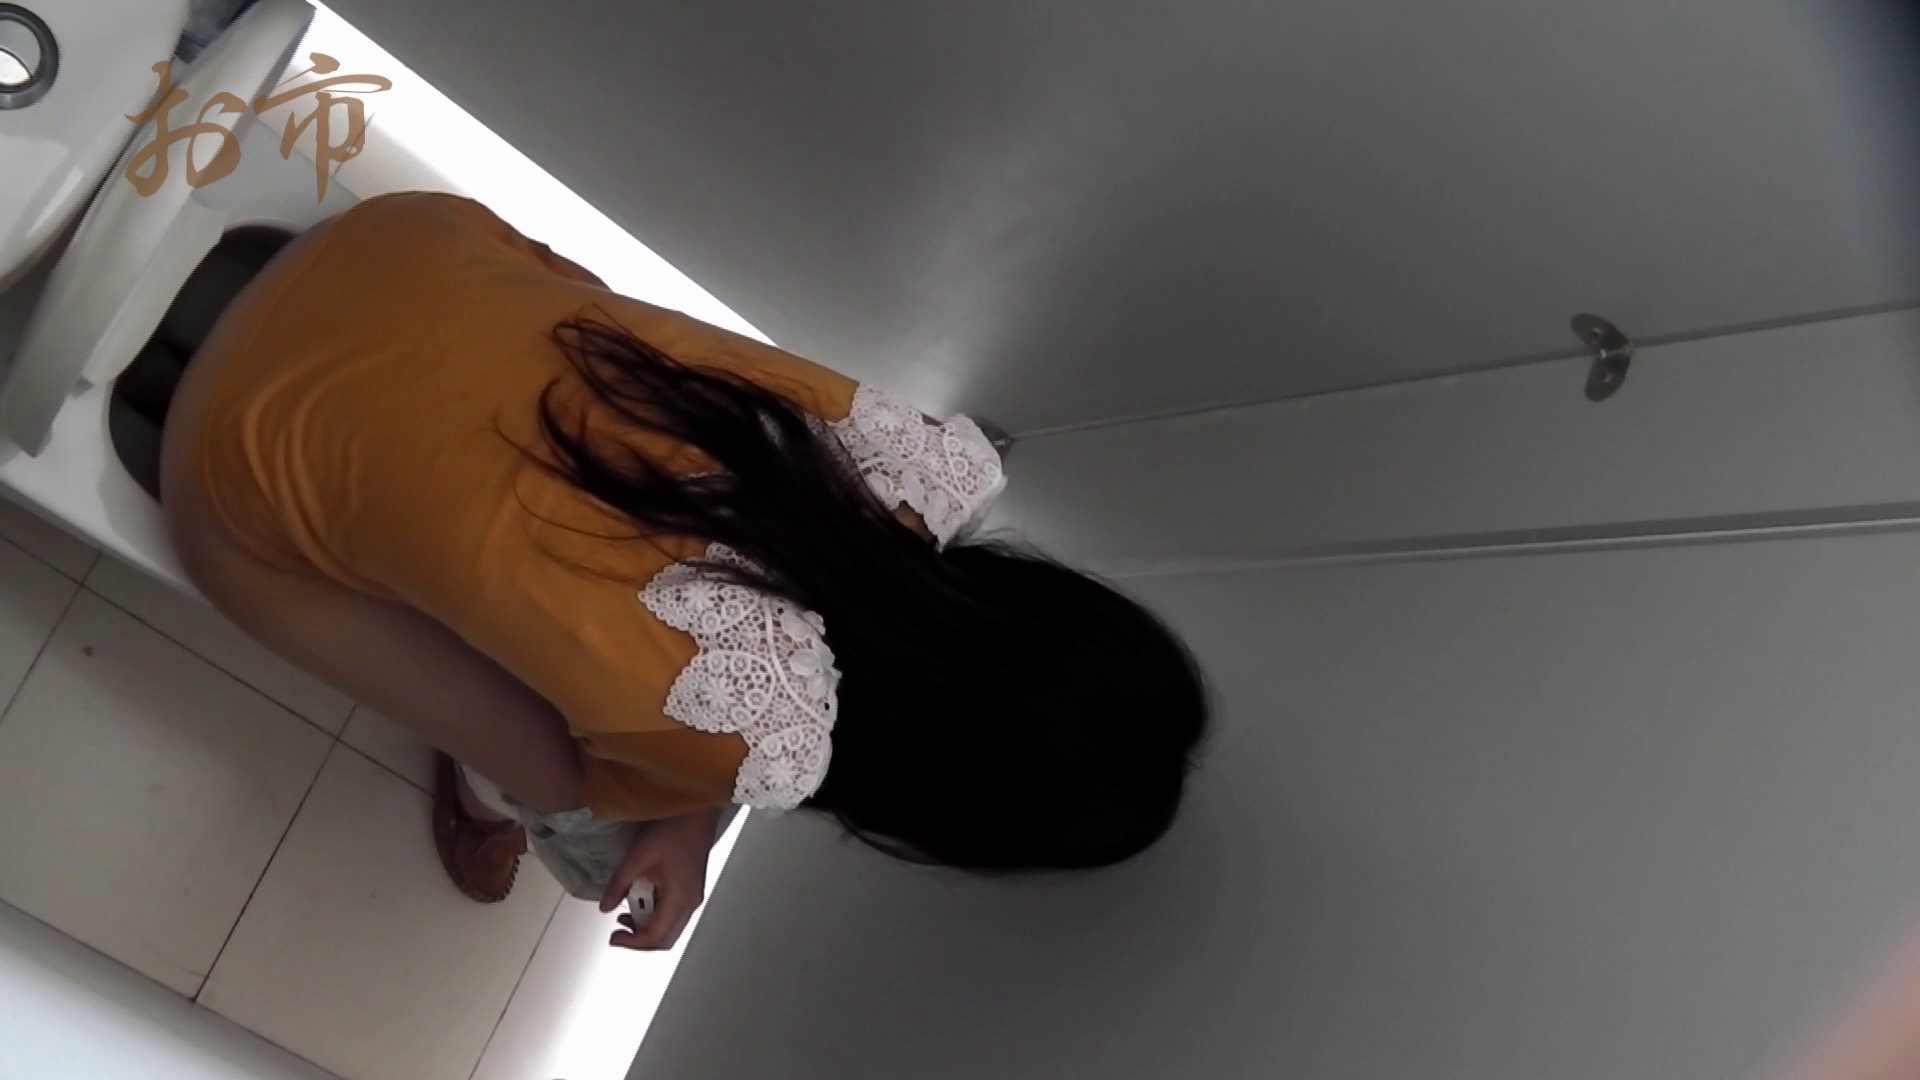 潜入!!台湾名門女学院 Vol.12 長身モデル驚き見たことないシチュエーション 潜入 戯れ無修正画像 89PIX 24